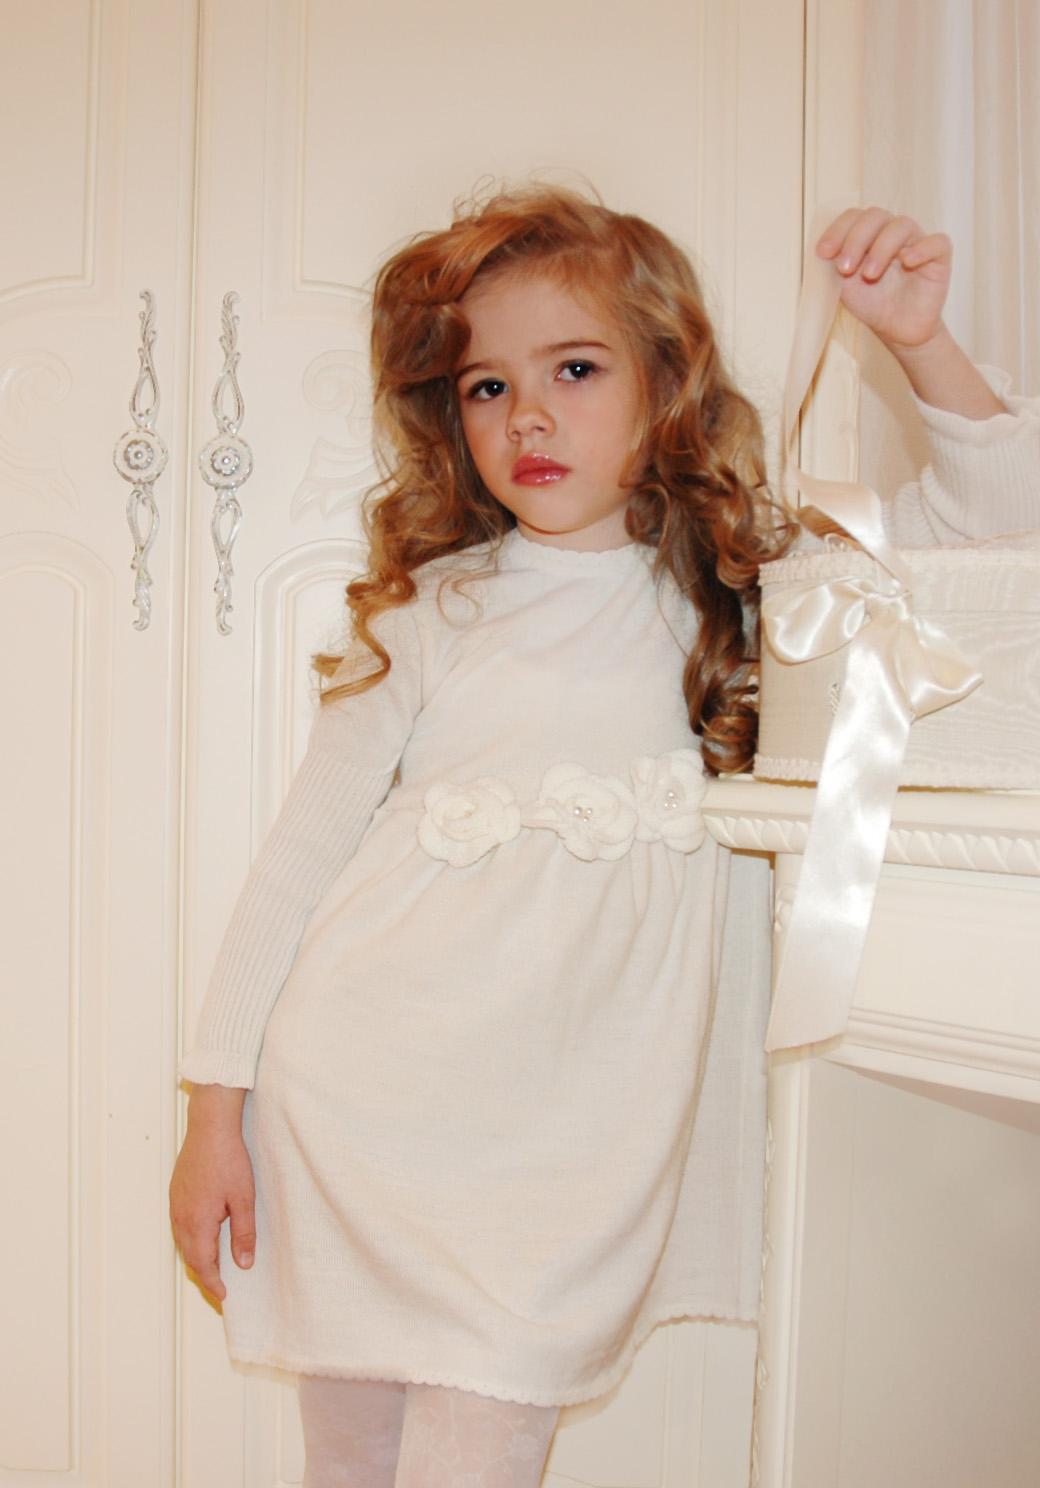 Вязание крючком платье детское для 5 лет схемы